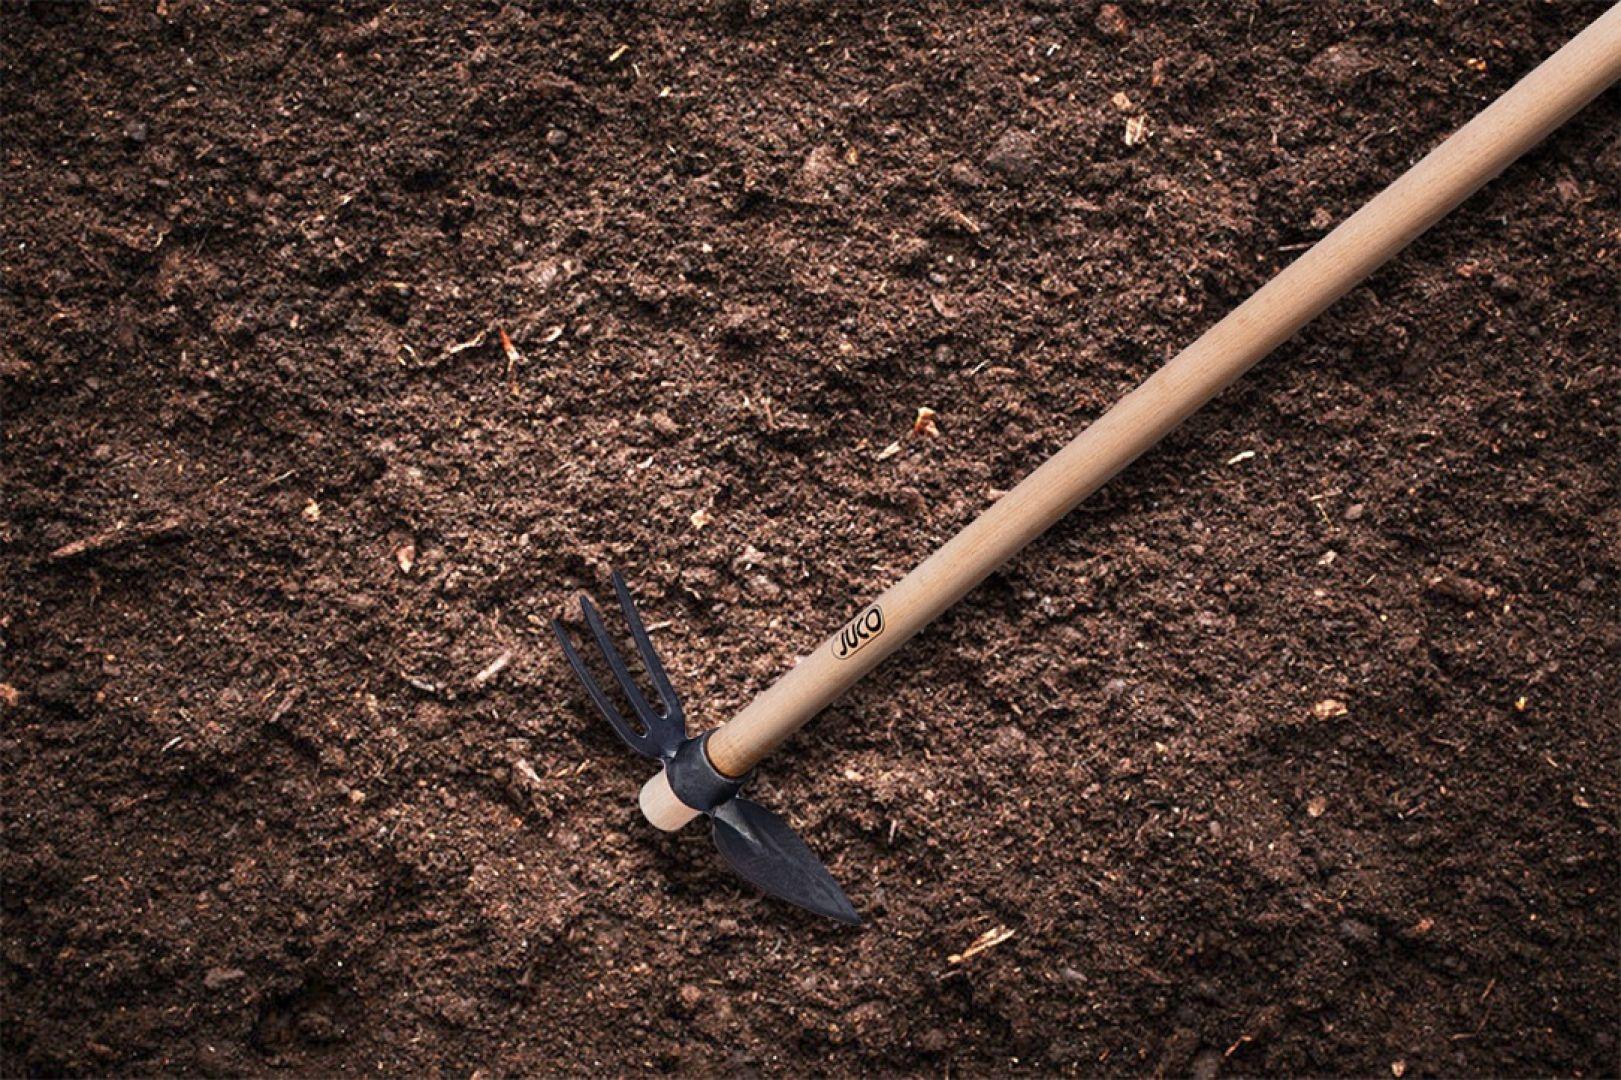 Odpowiedni dobór terminu wsadzenia cebulek sprawi, że dobrze się one ukorzenią, a na wiosnę nie zakwitną zbyt późno. Na zdjęciu: motyka trójzębna sercowa. Fot. Juco